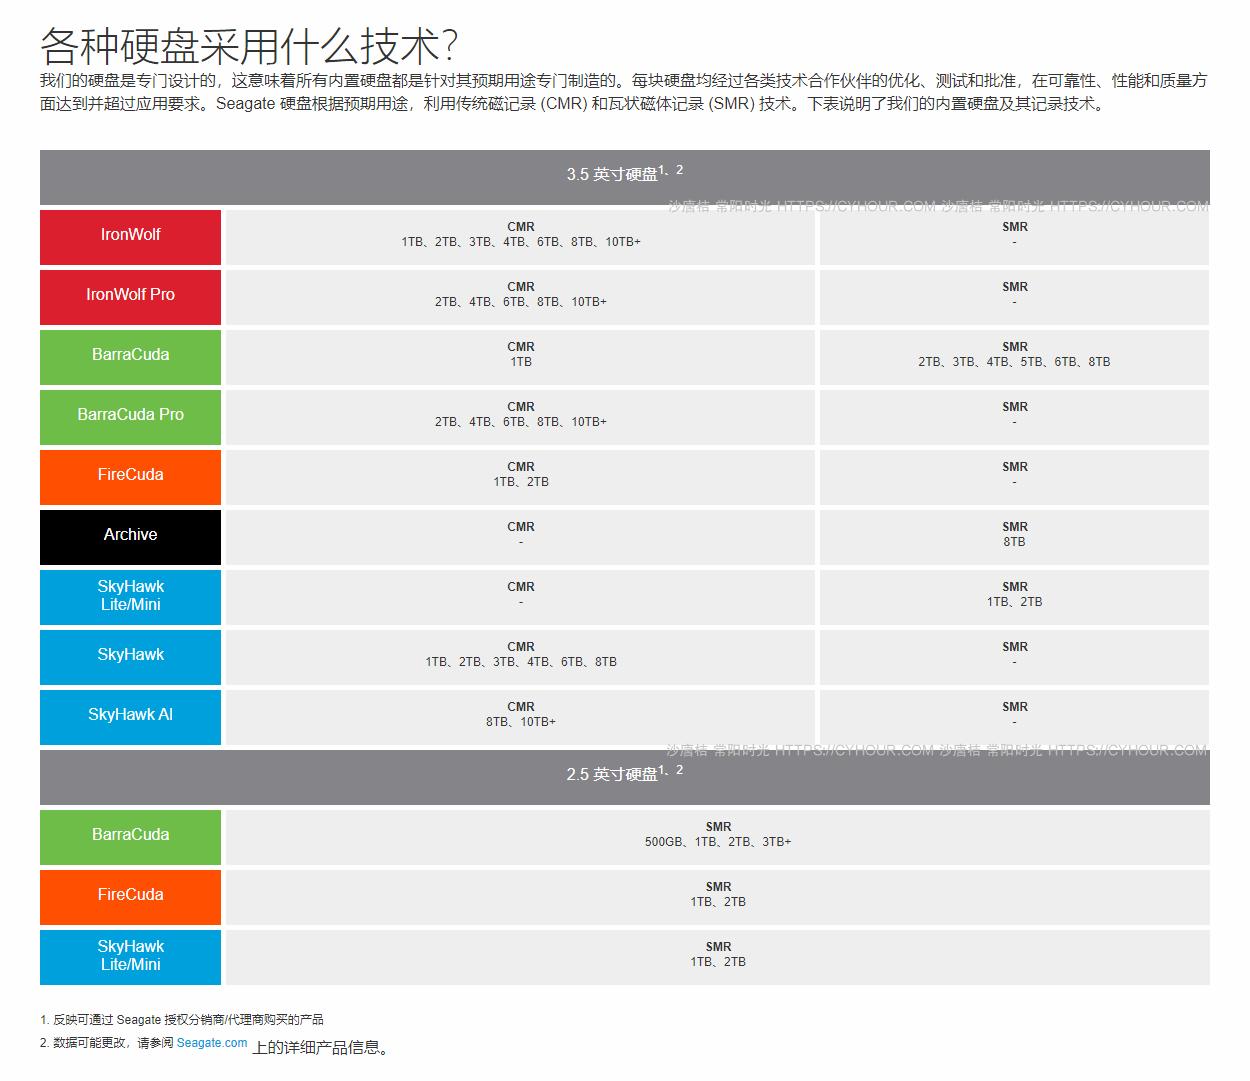 希捷 西数 东芝 SMR 叠瓦式硬盘完整列表 硬盘购买指南-垃圾站